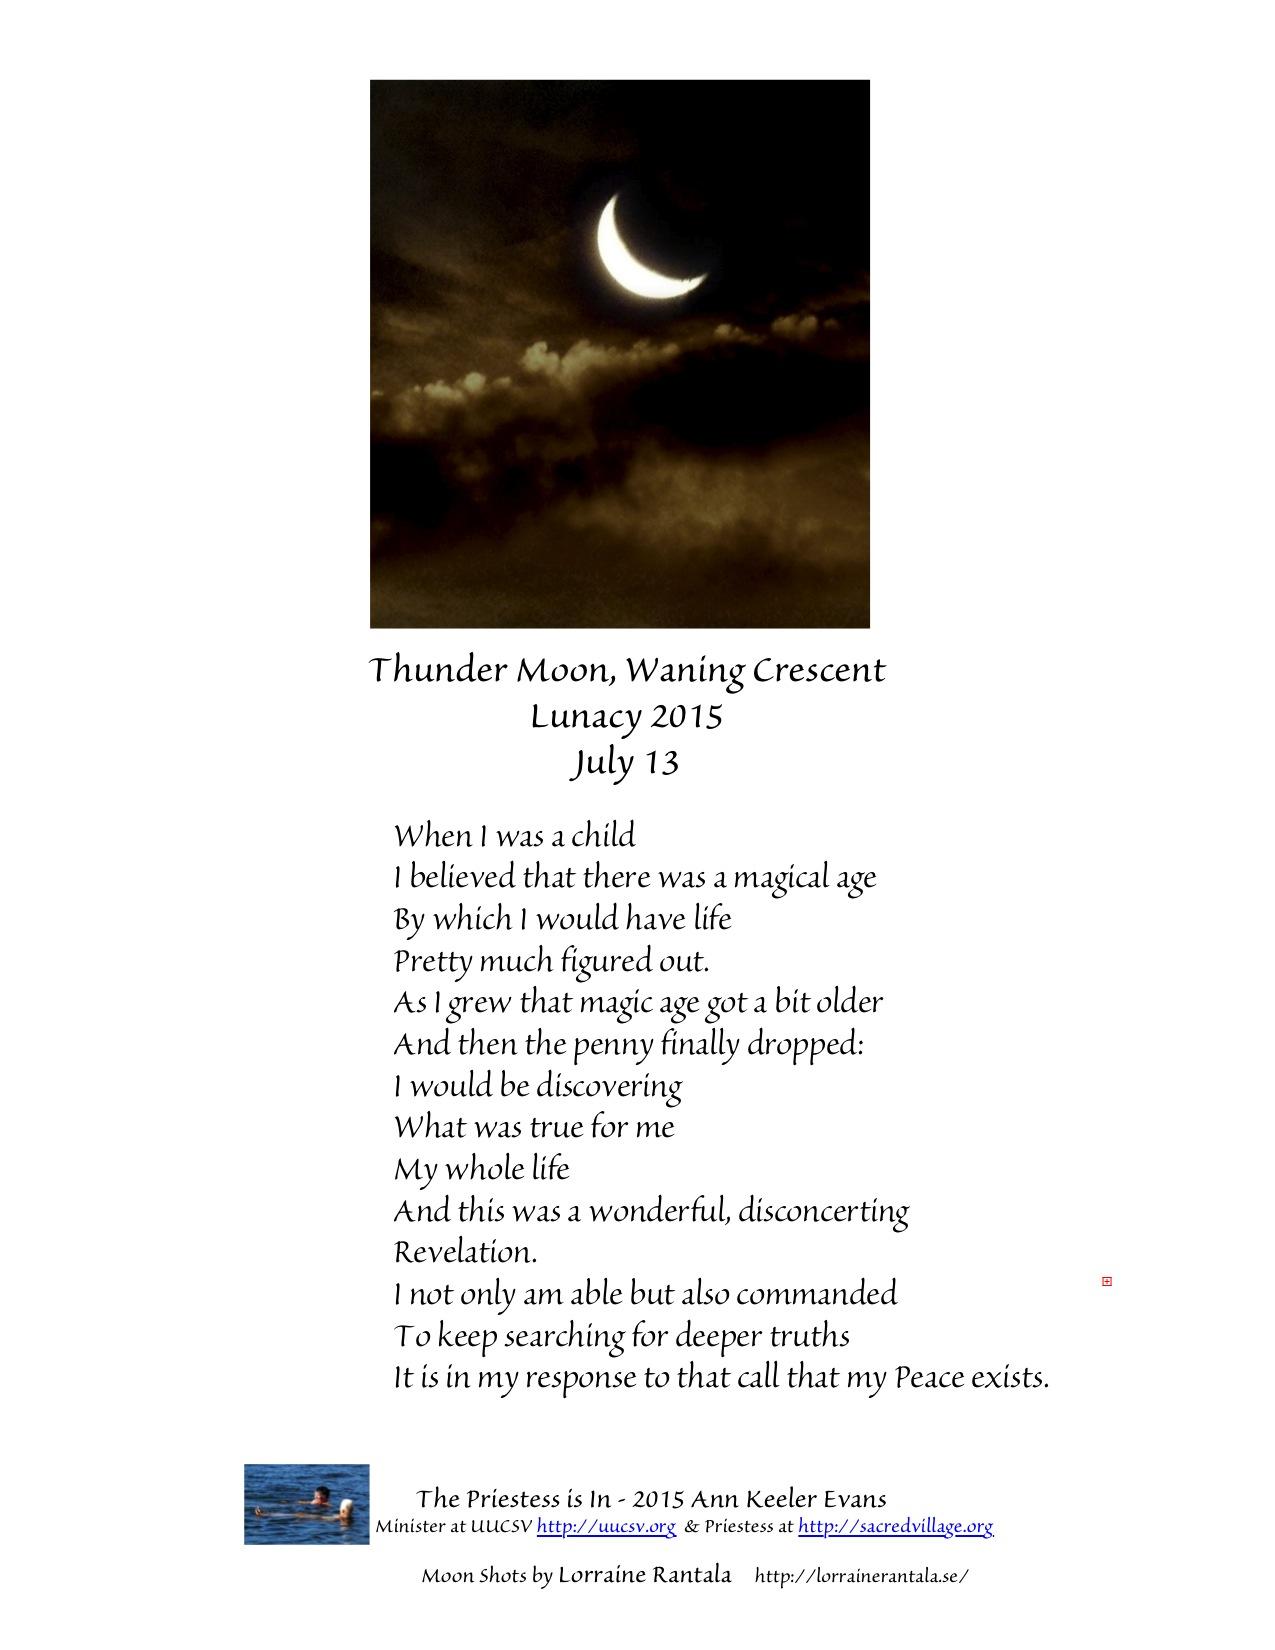 ThunderMoonLunacyJul13